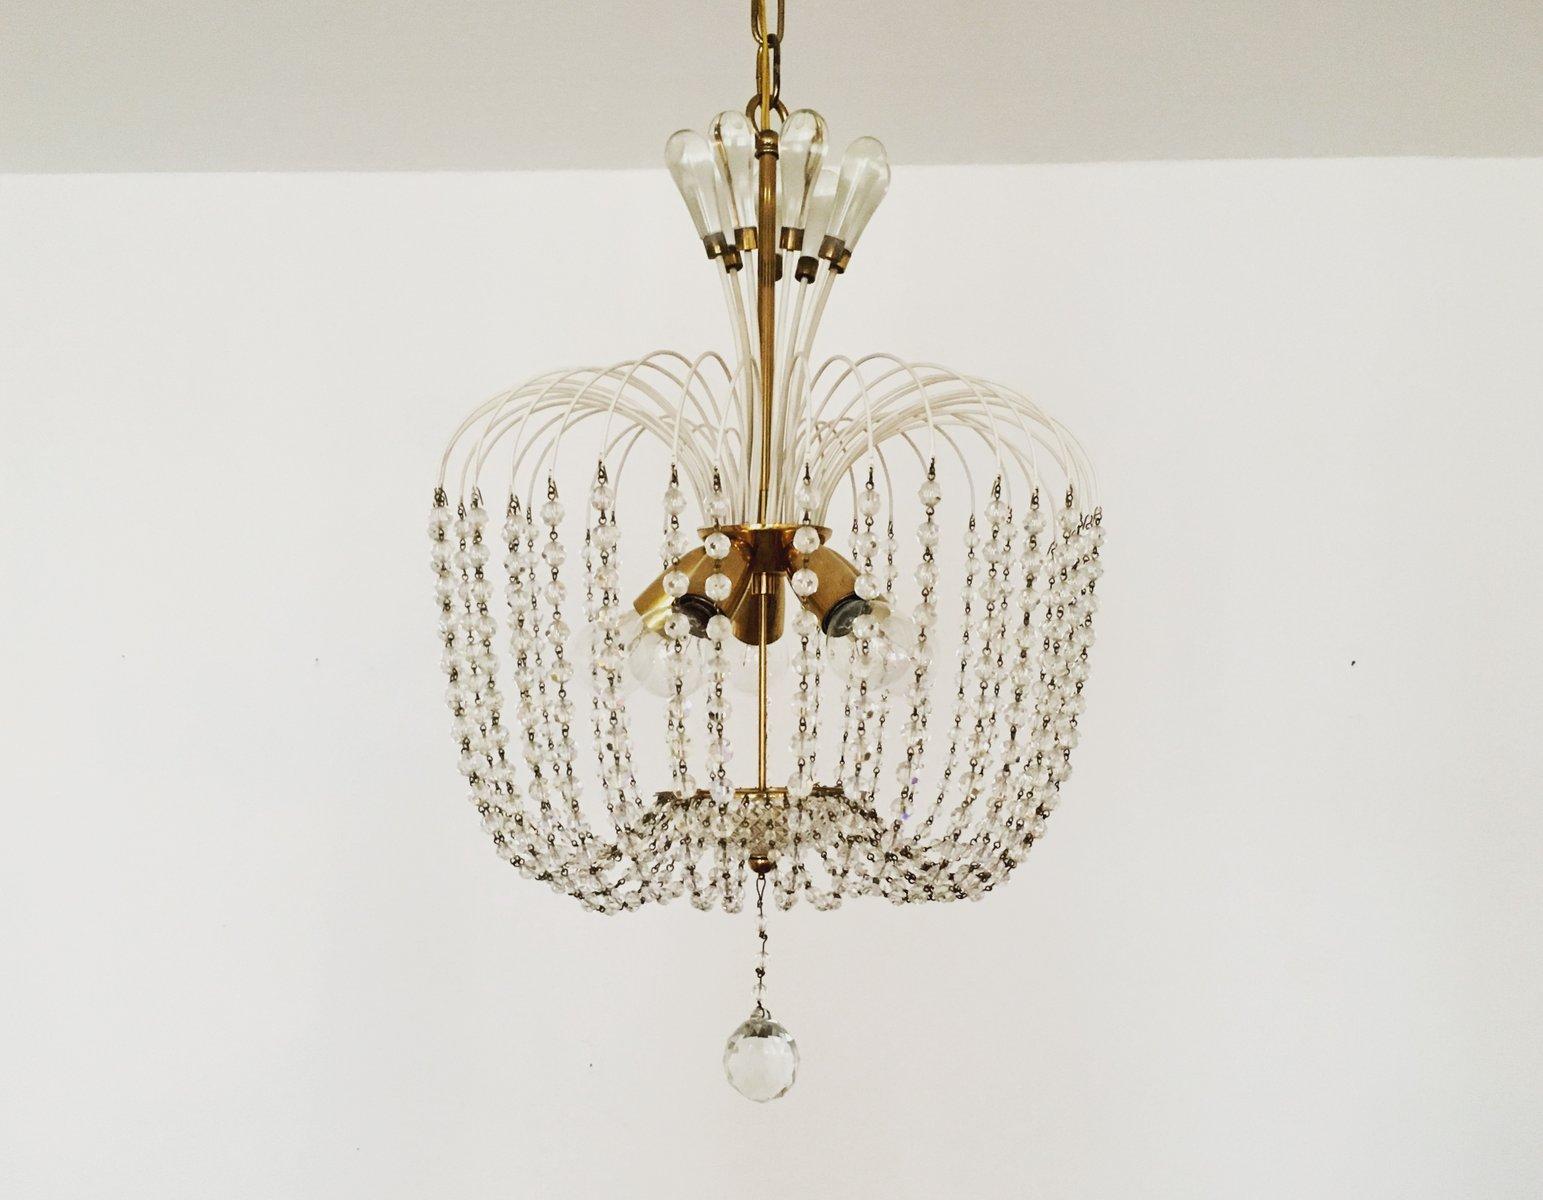 Kronleuchter aus Kristallglas aus der Vereinigte Werkstätten Collectio...